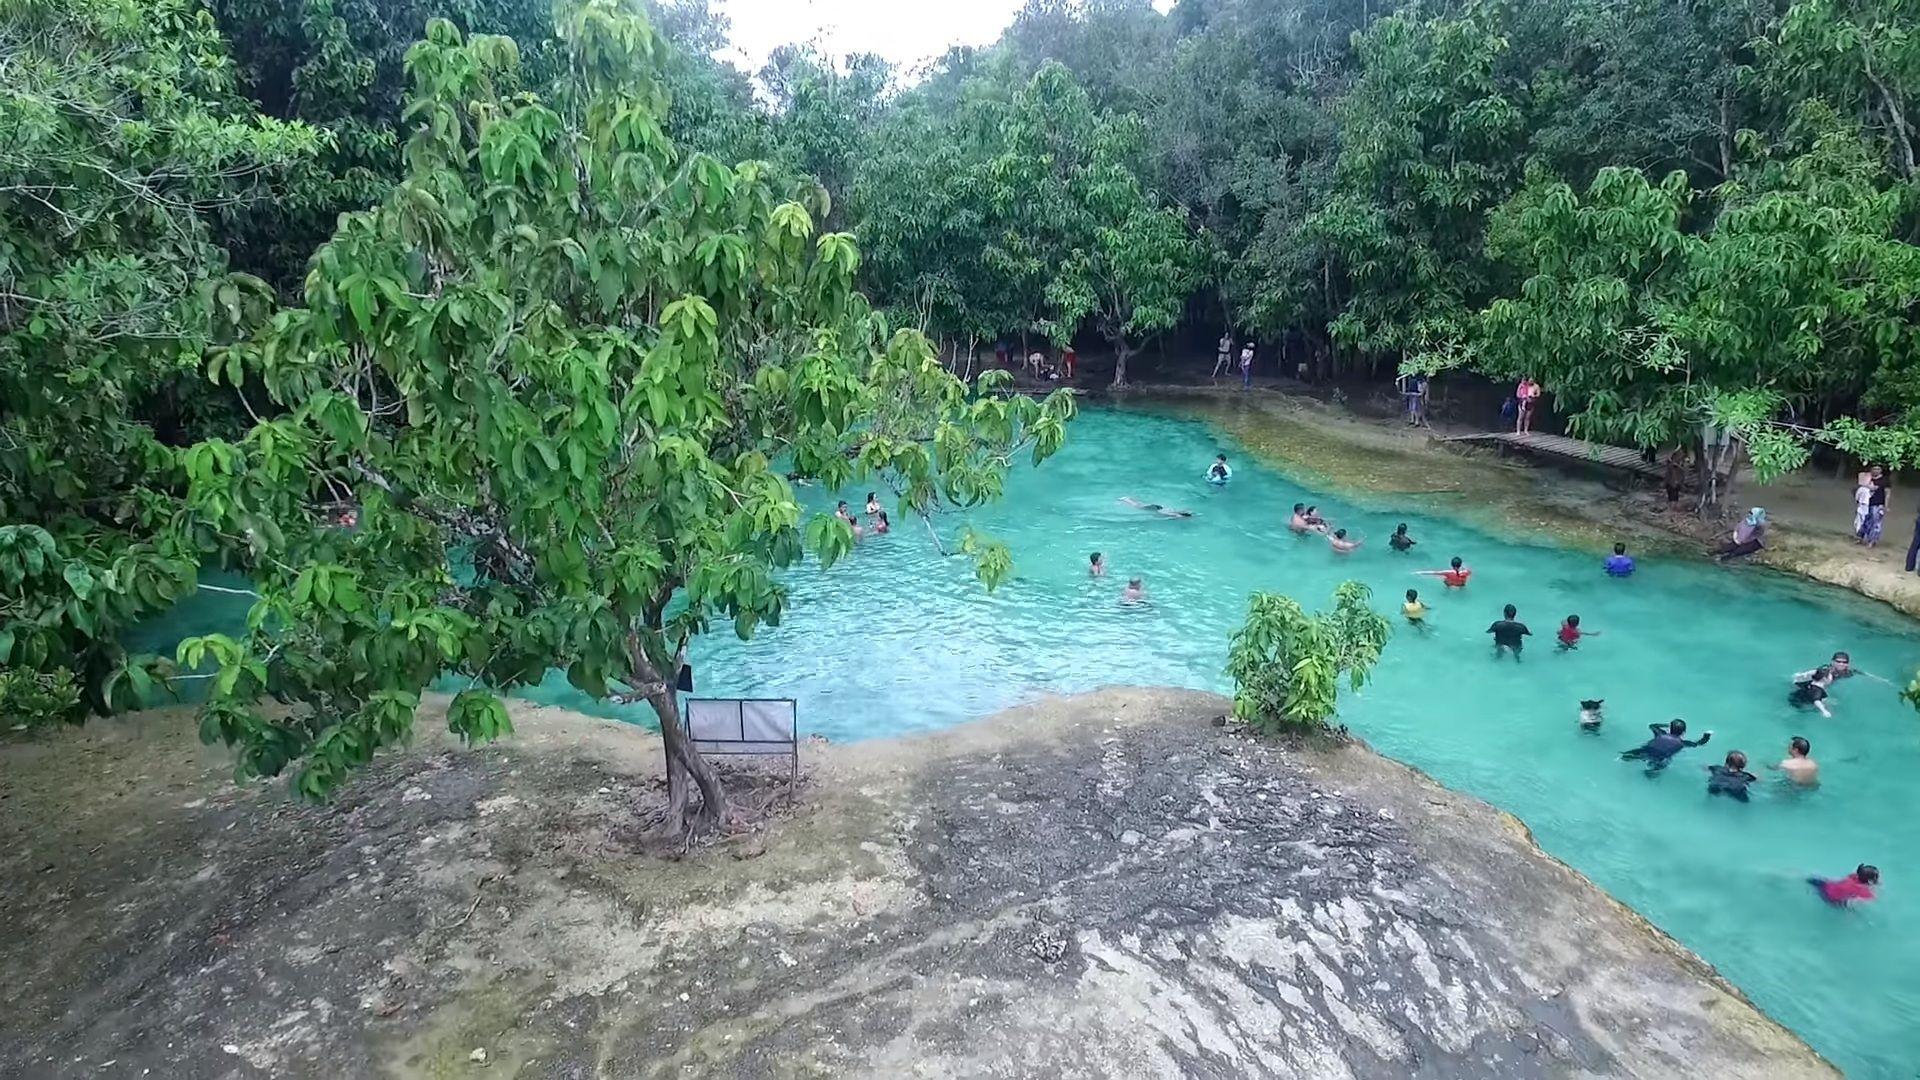 Szmaragdowy basen, Sa Morakot, Krabi.